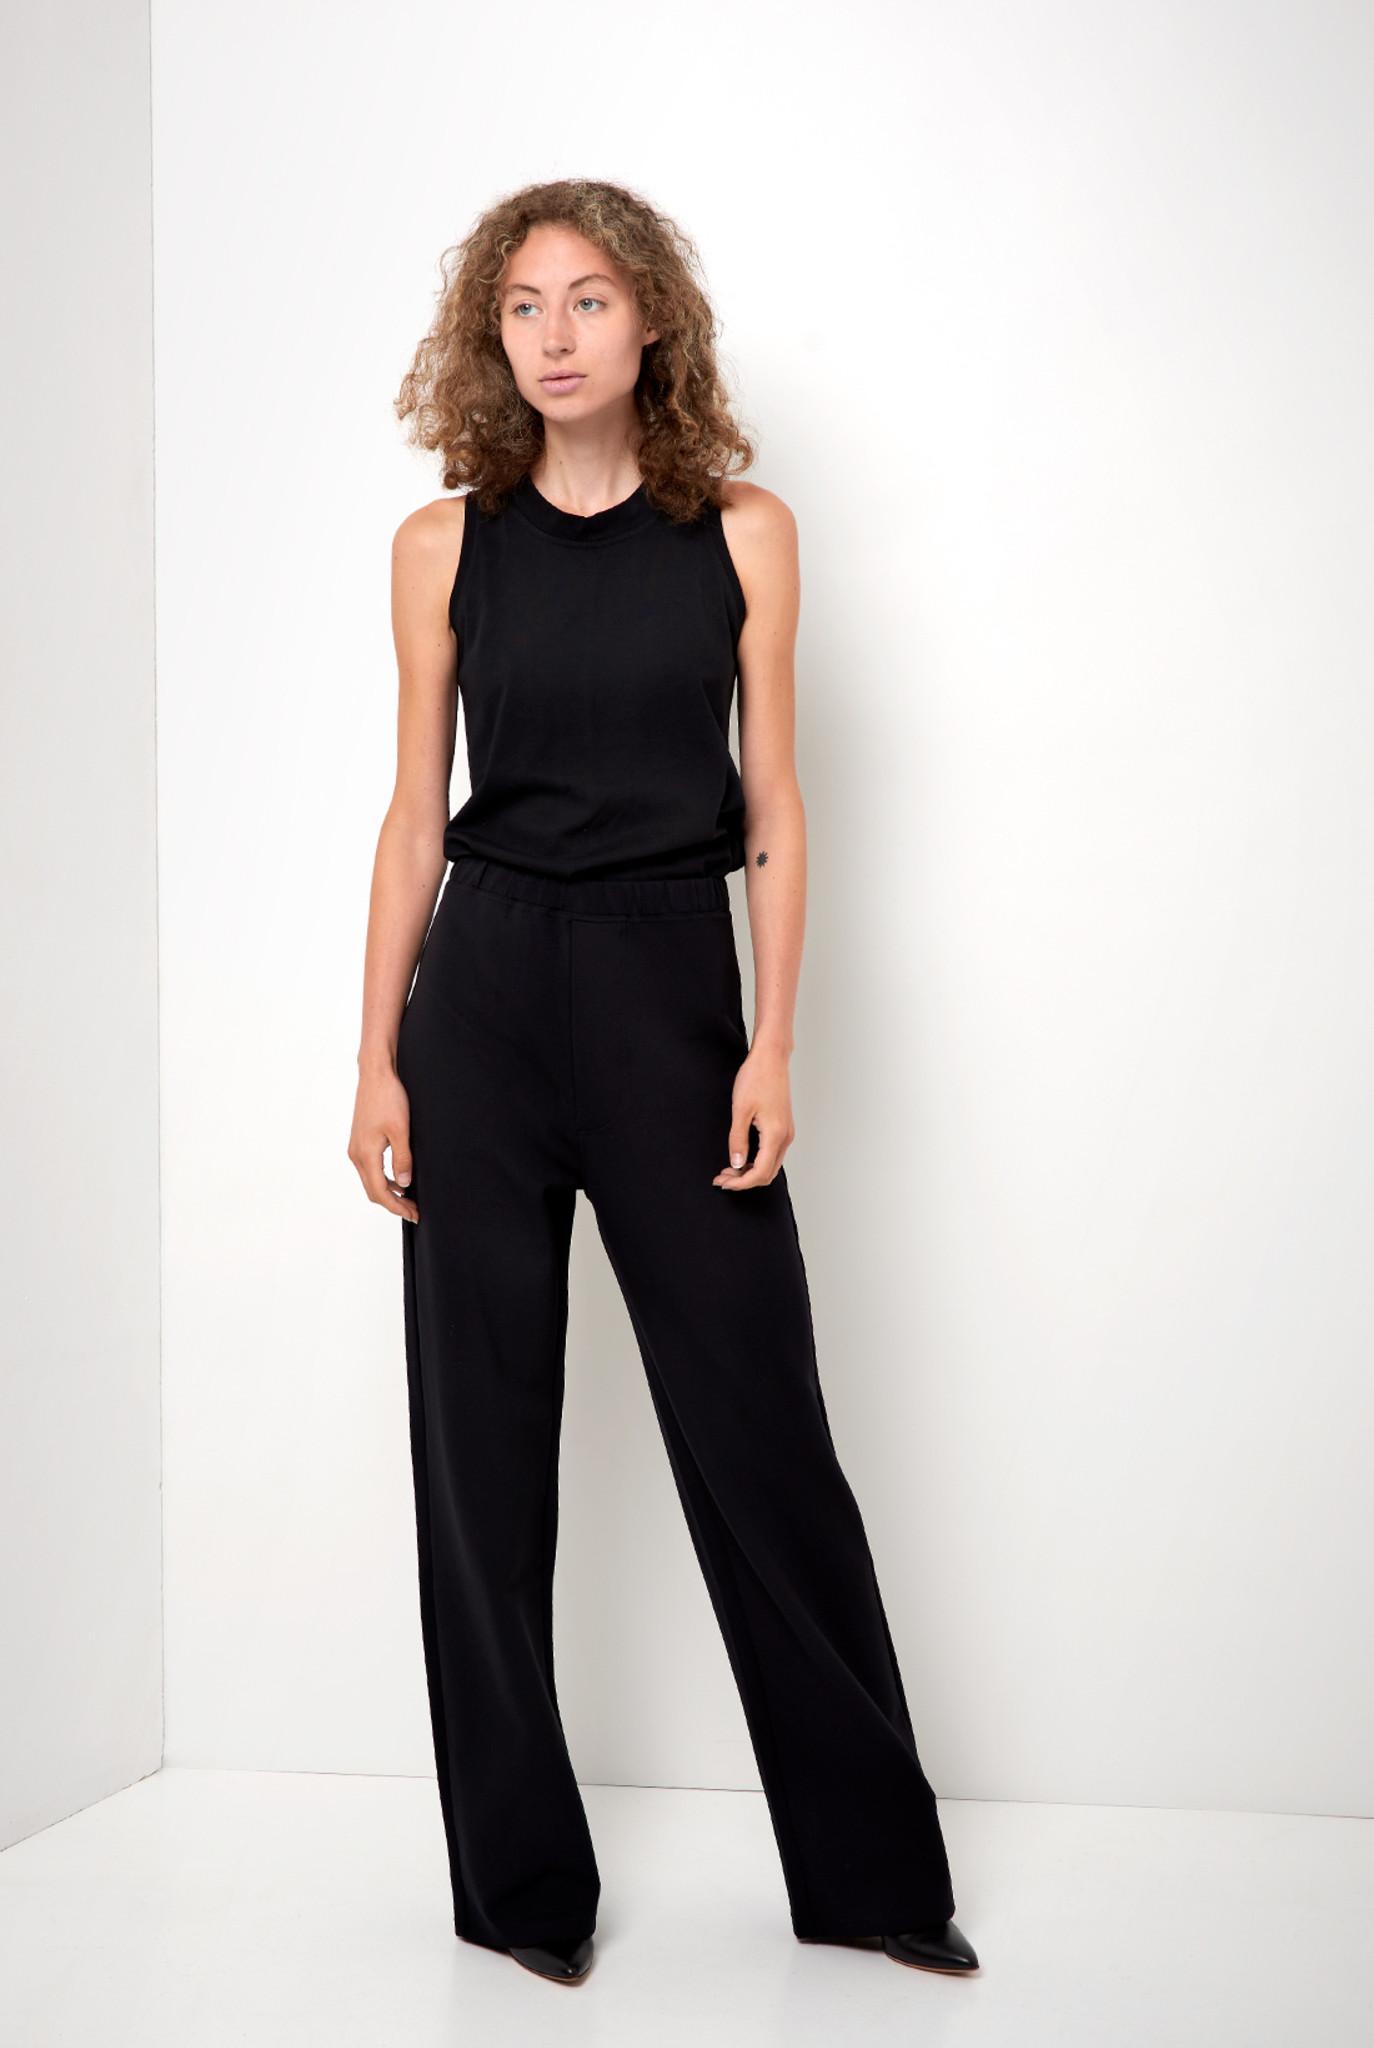 Sailorette Trouser Black Lycra